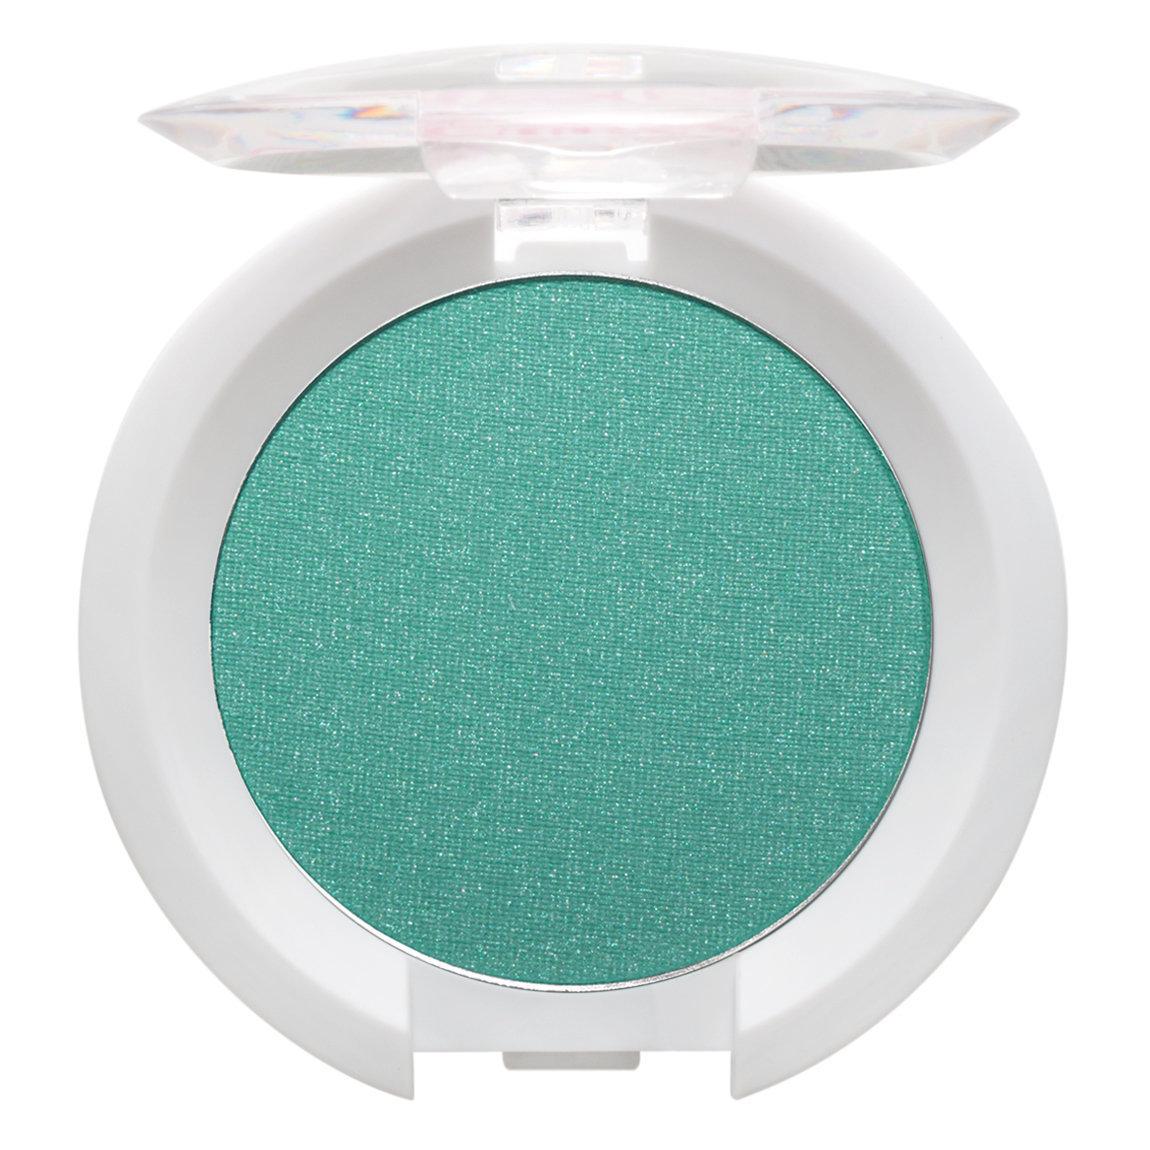 Sugarpill Cosmetics Pressed Eyeshadow Mochi product swatch.